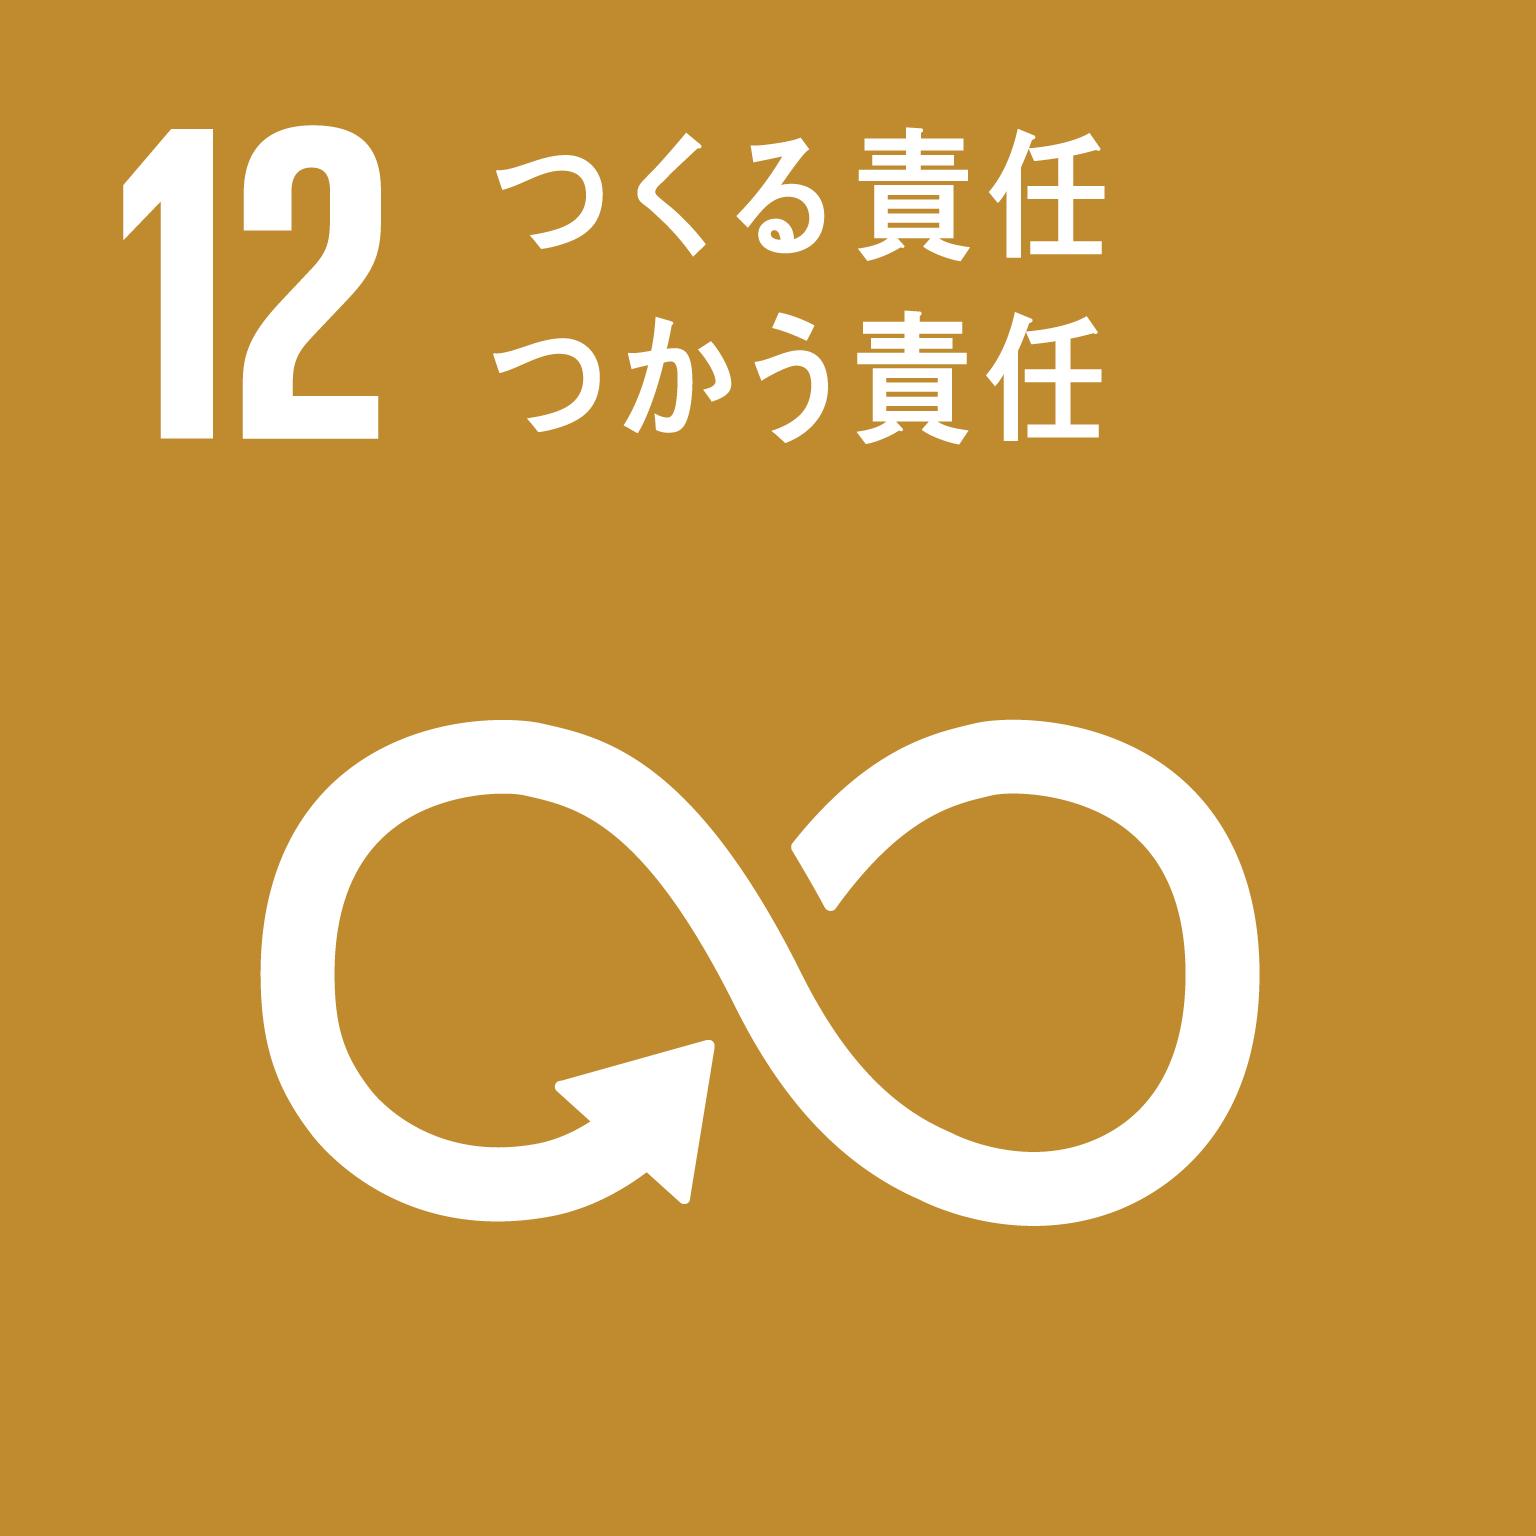 SDGs 消費 生産